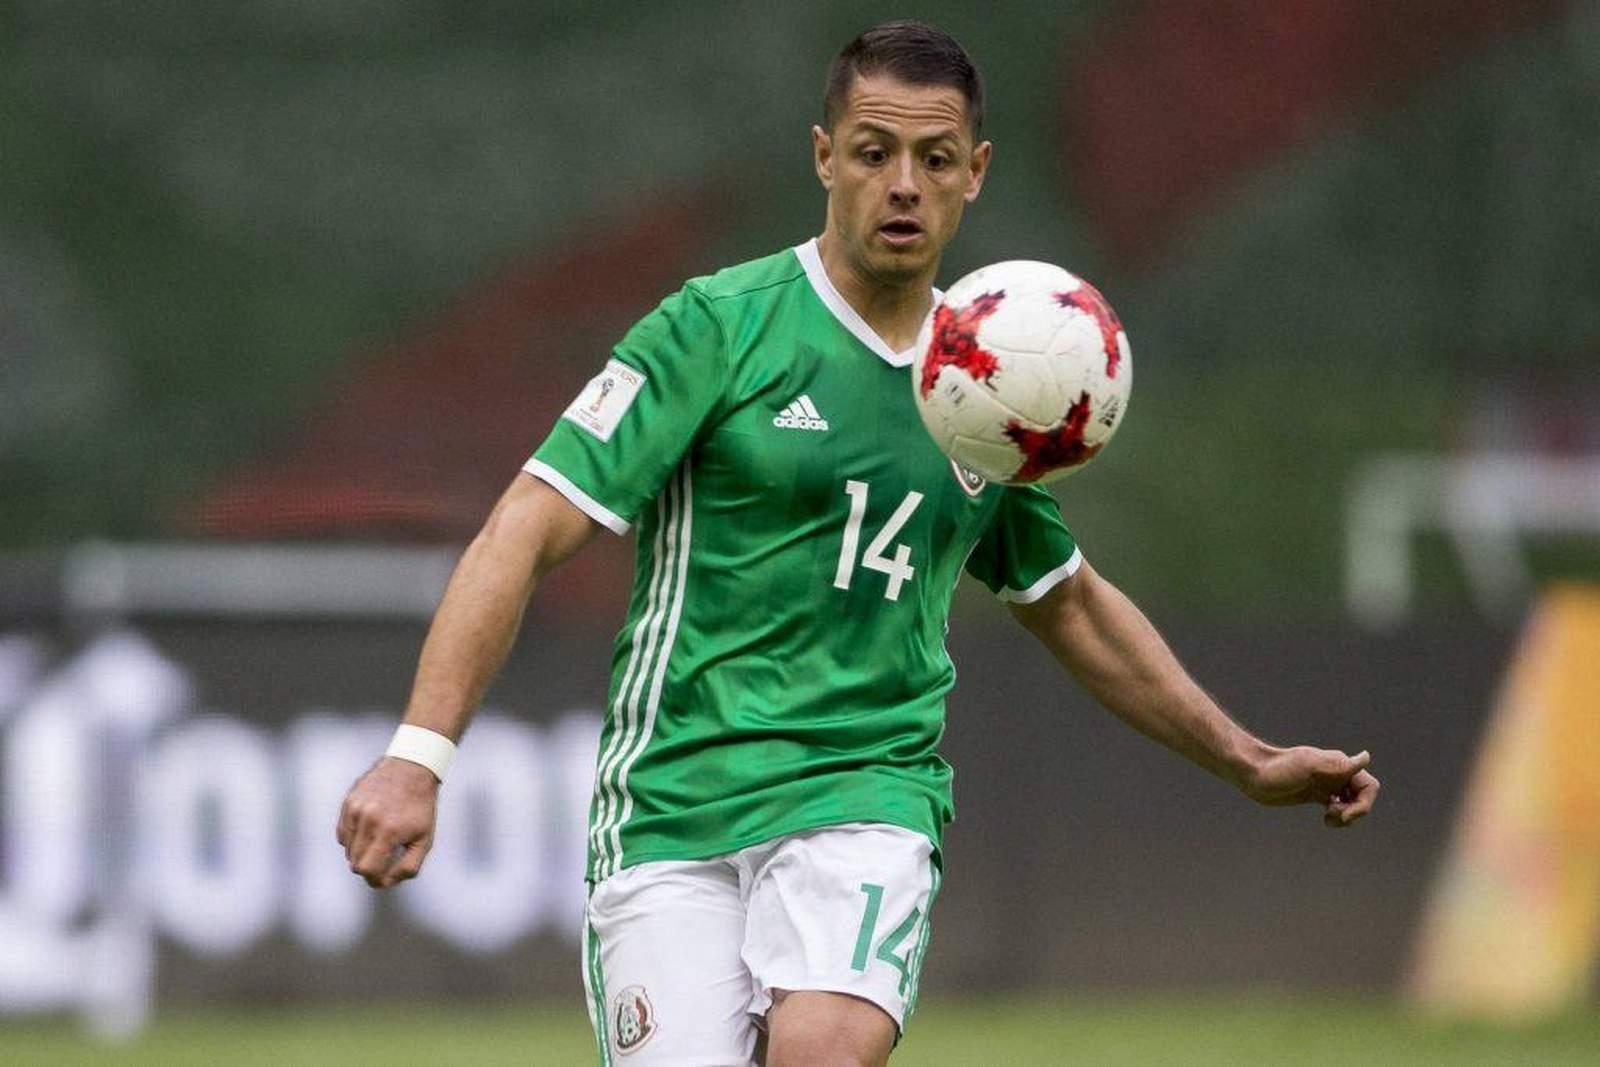 Chicharito am Ball für Mexiko. Jetzt auf die Partie Mexiko gegen Schweden wetten.